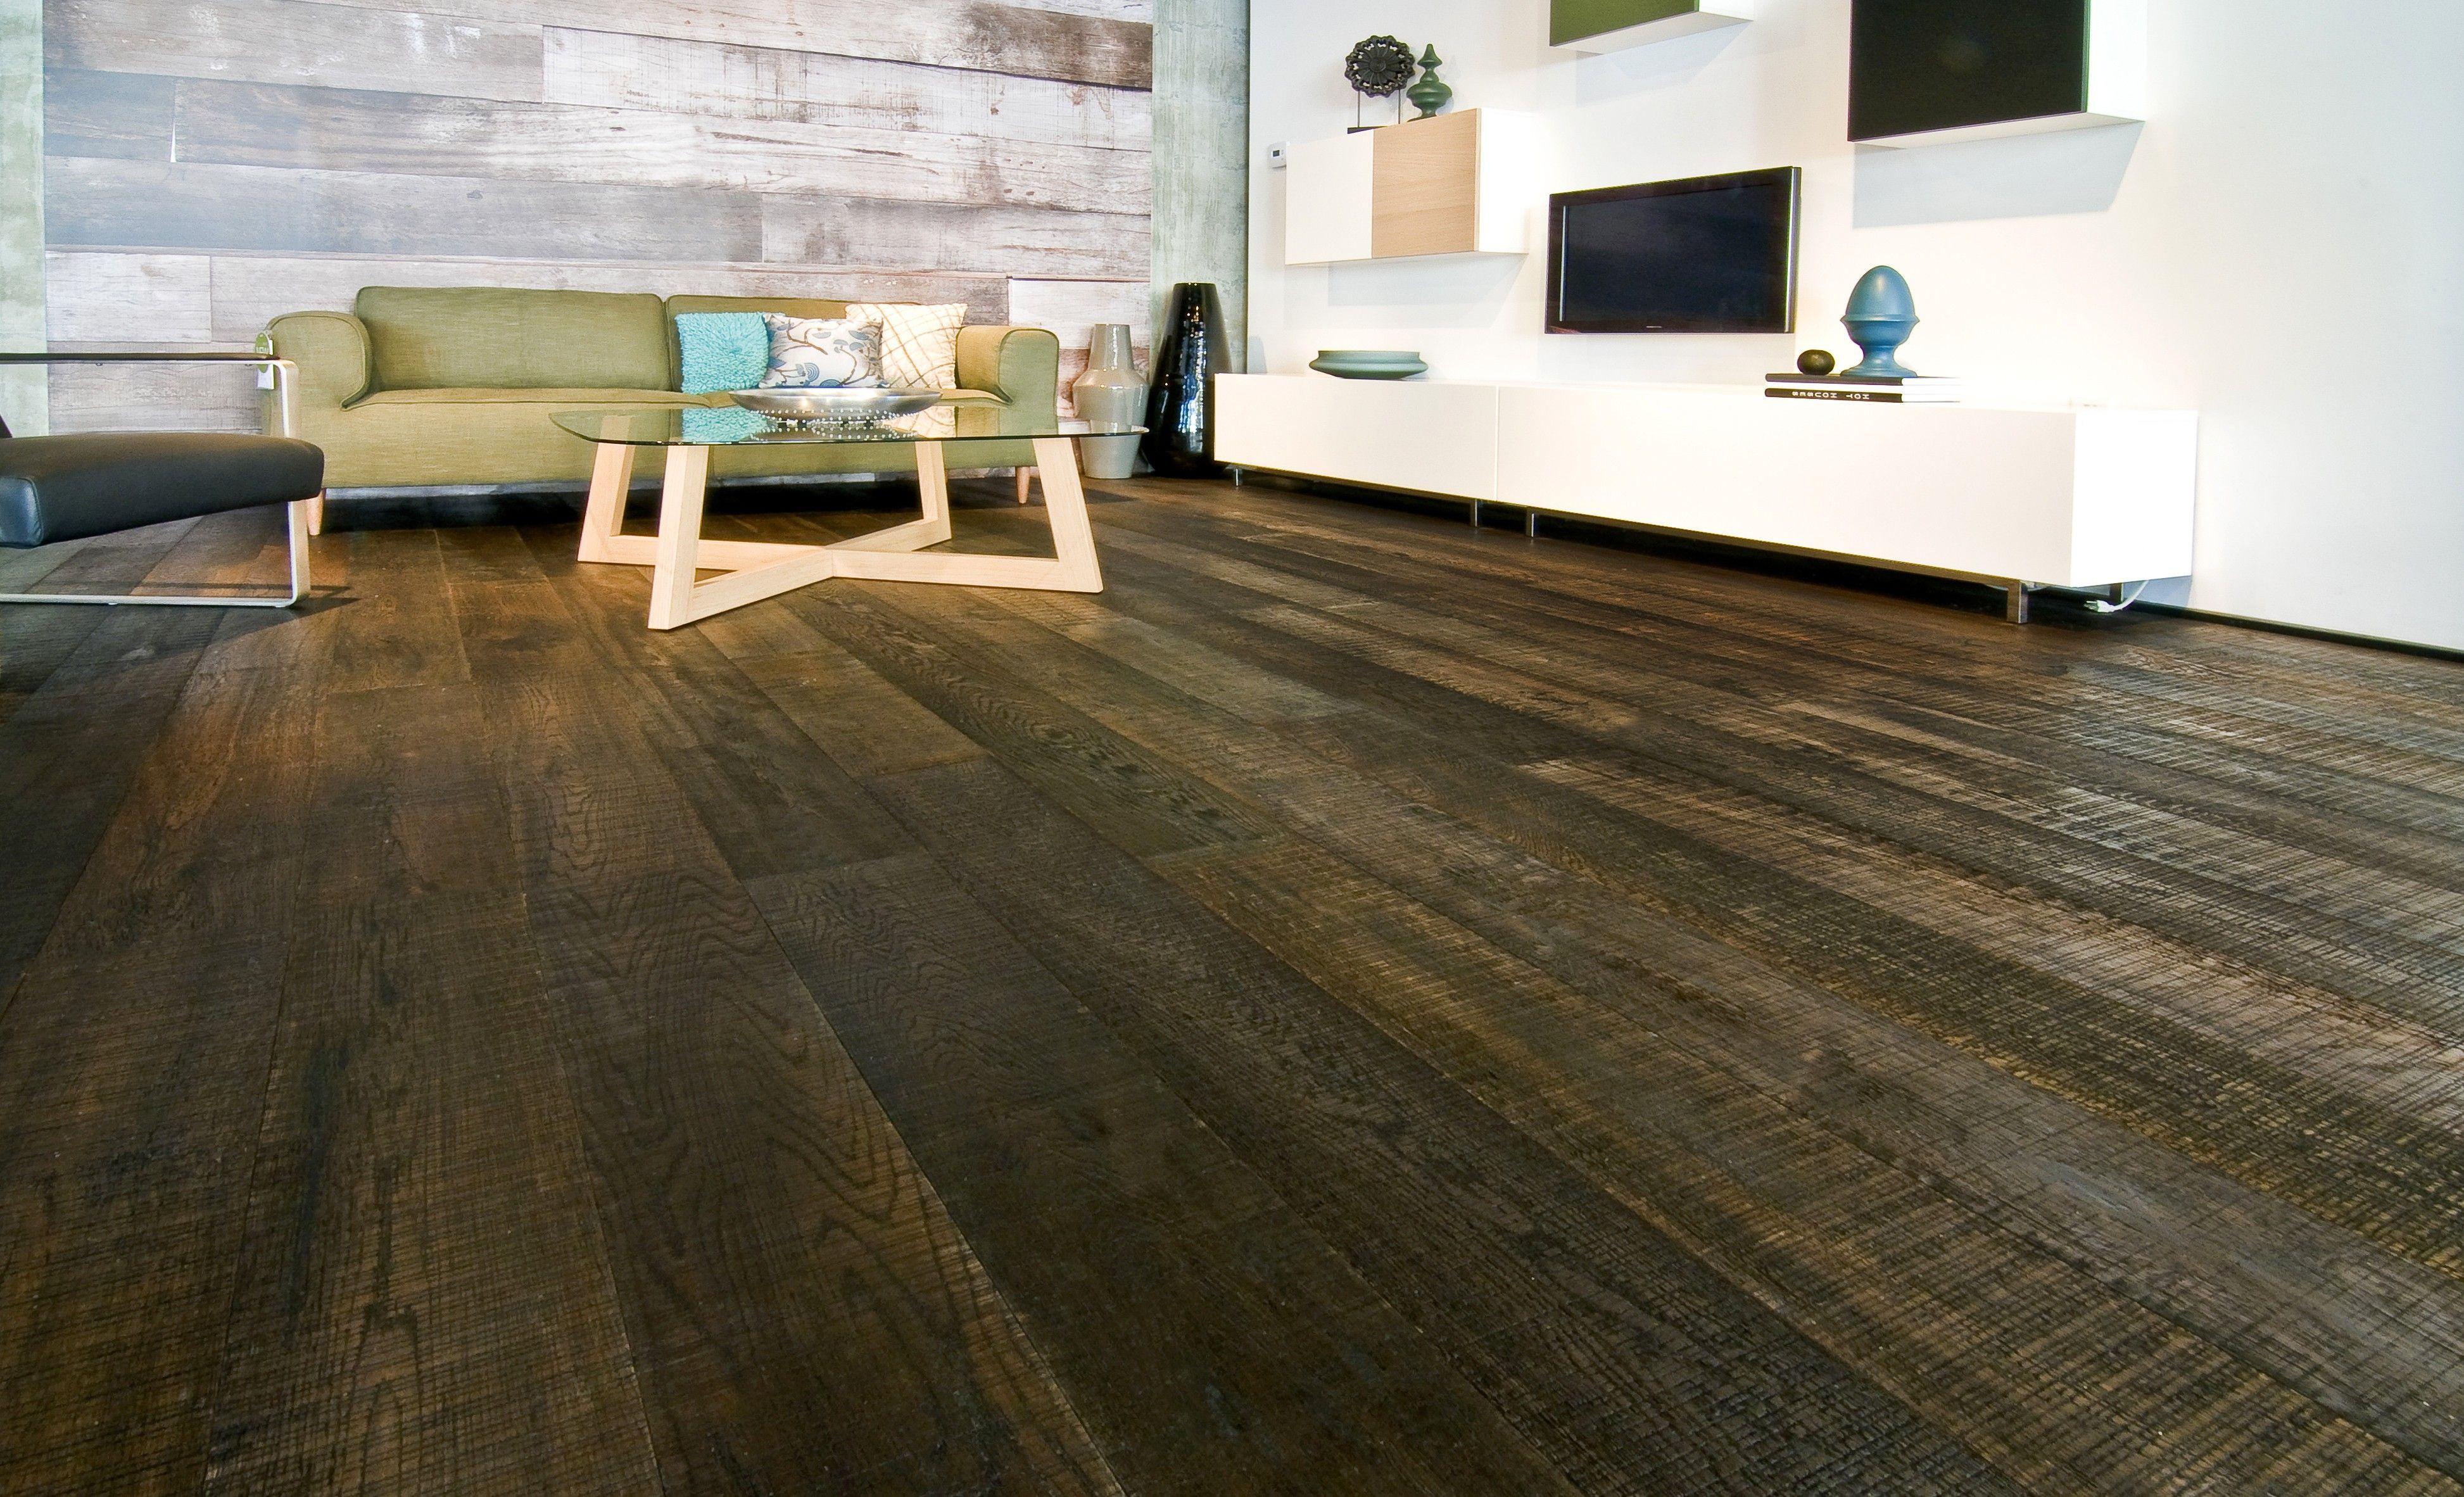 hardwood flooring spokane of lovely bamboo hardwood flooring home design for where to buy hardwood flooring inspirational 0d grace place barnegat